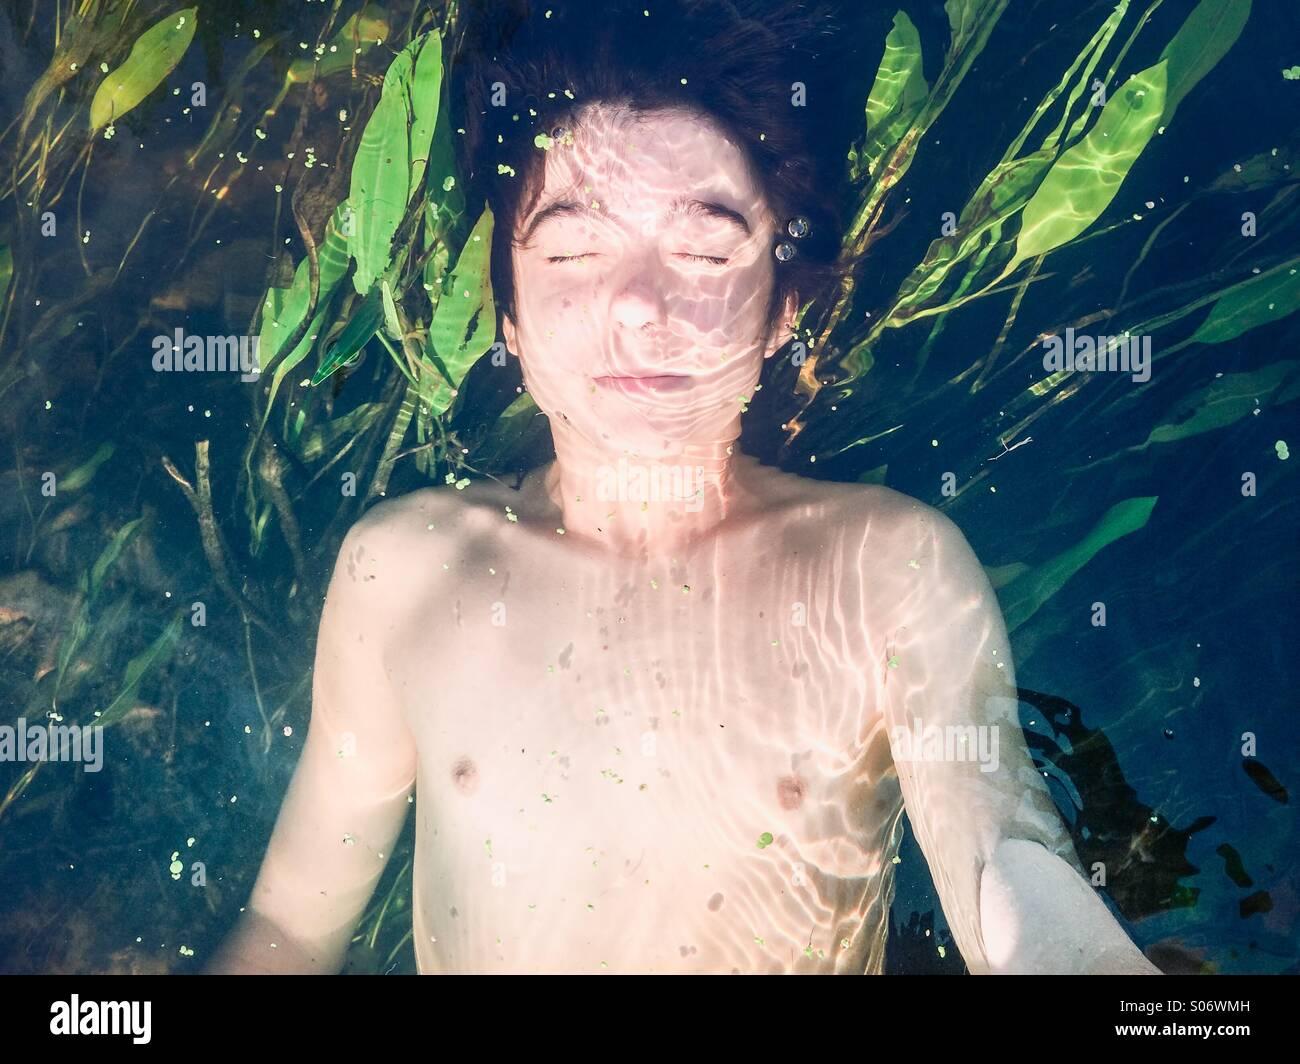 Junge in einem reinen Fluss mit üppigem Grün getaucht Stockbild